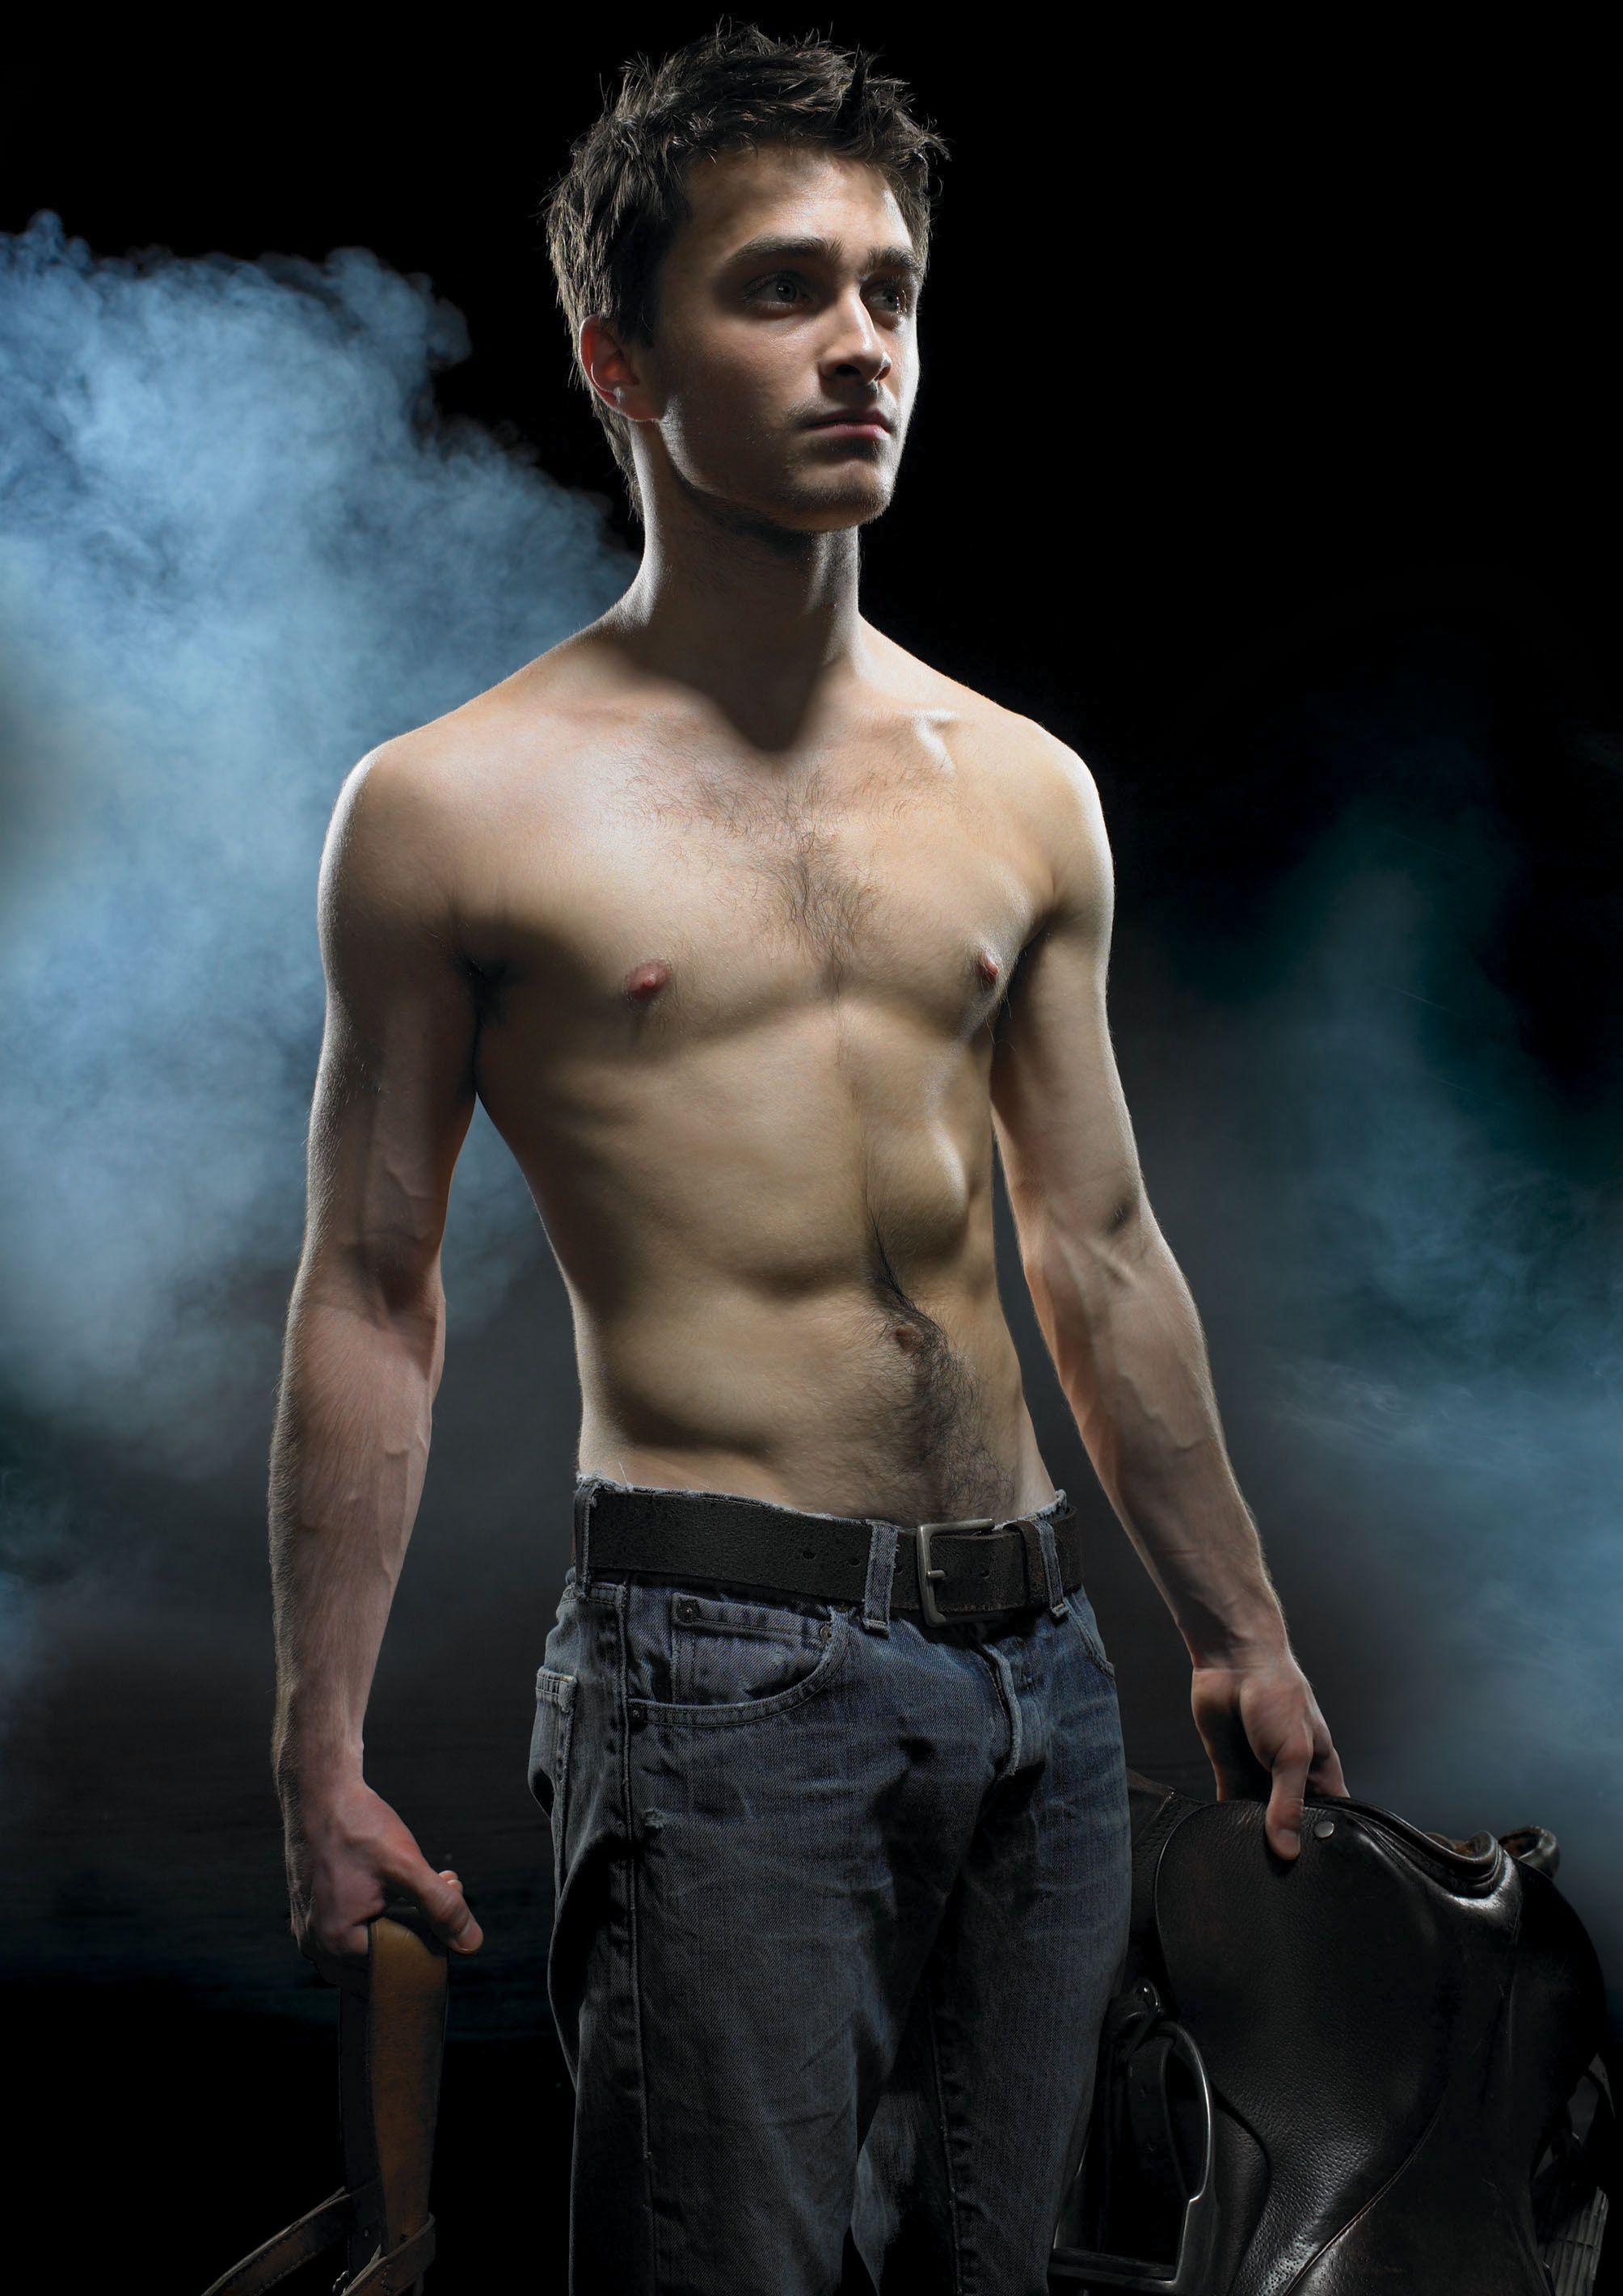 Daniel Radcliffe Shirtless   SHIRTLESS ACTORS   Pinterest ...